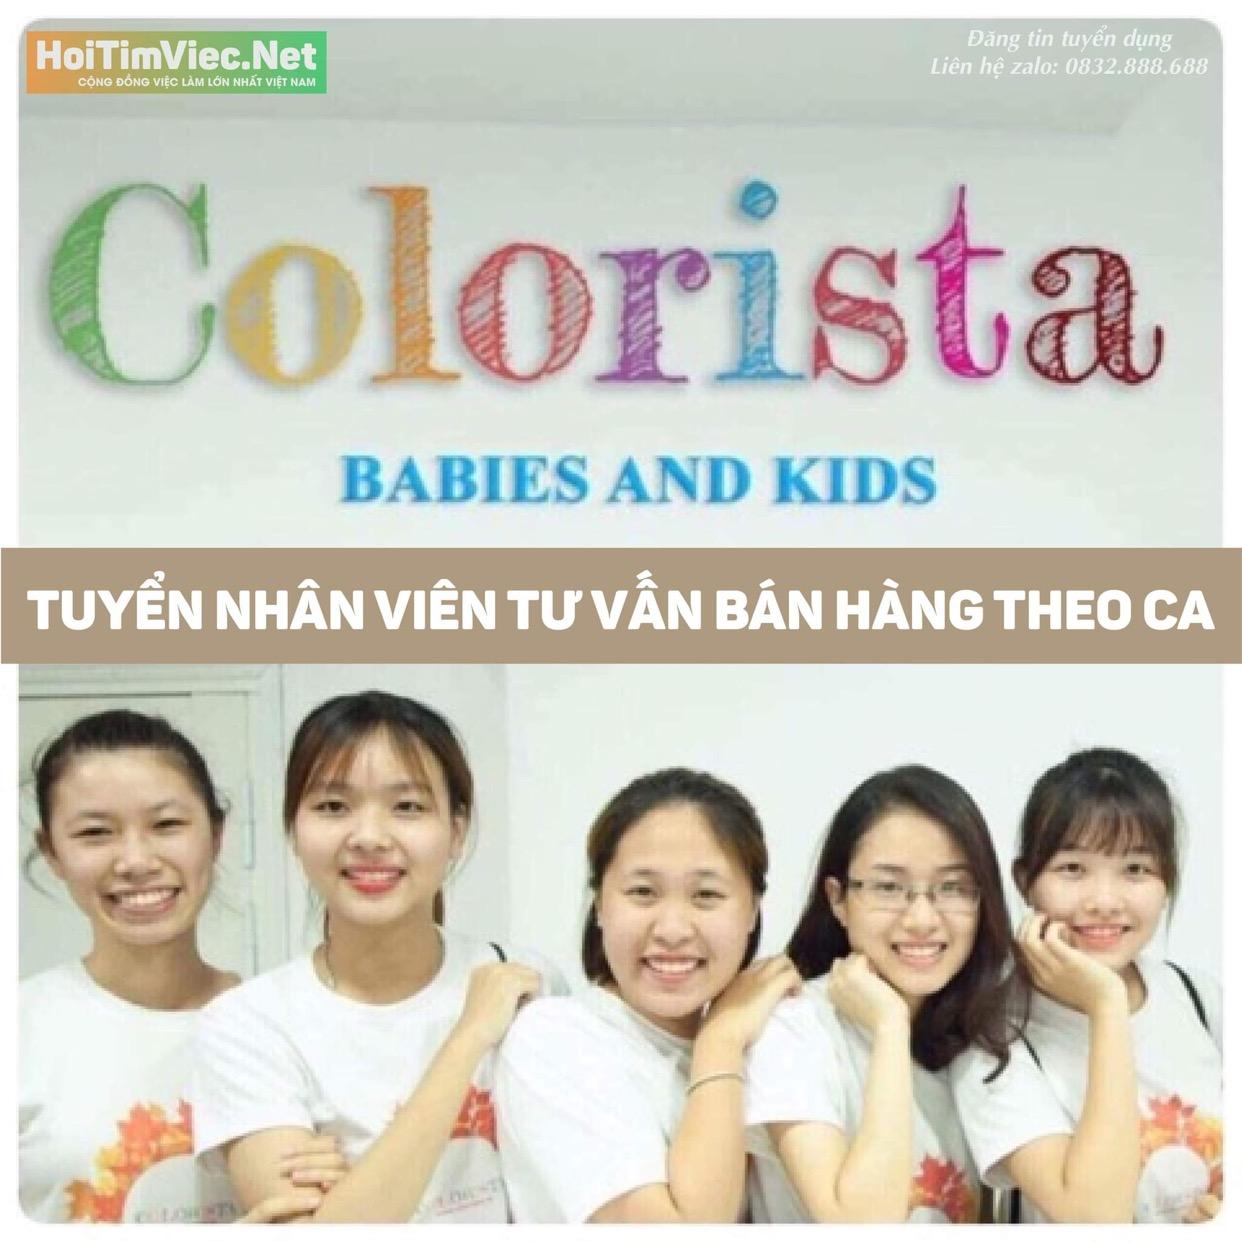 Tuyển nhân viên bán hàng – Cửa hàng thời trang trẻ em Colorista